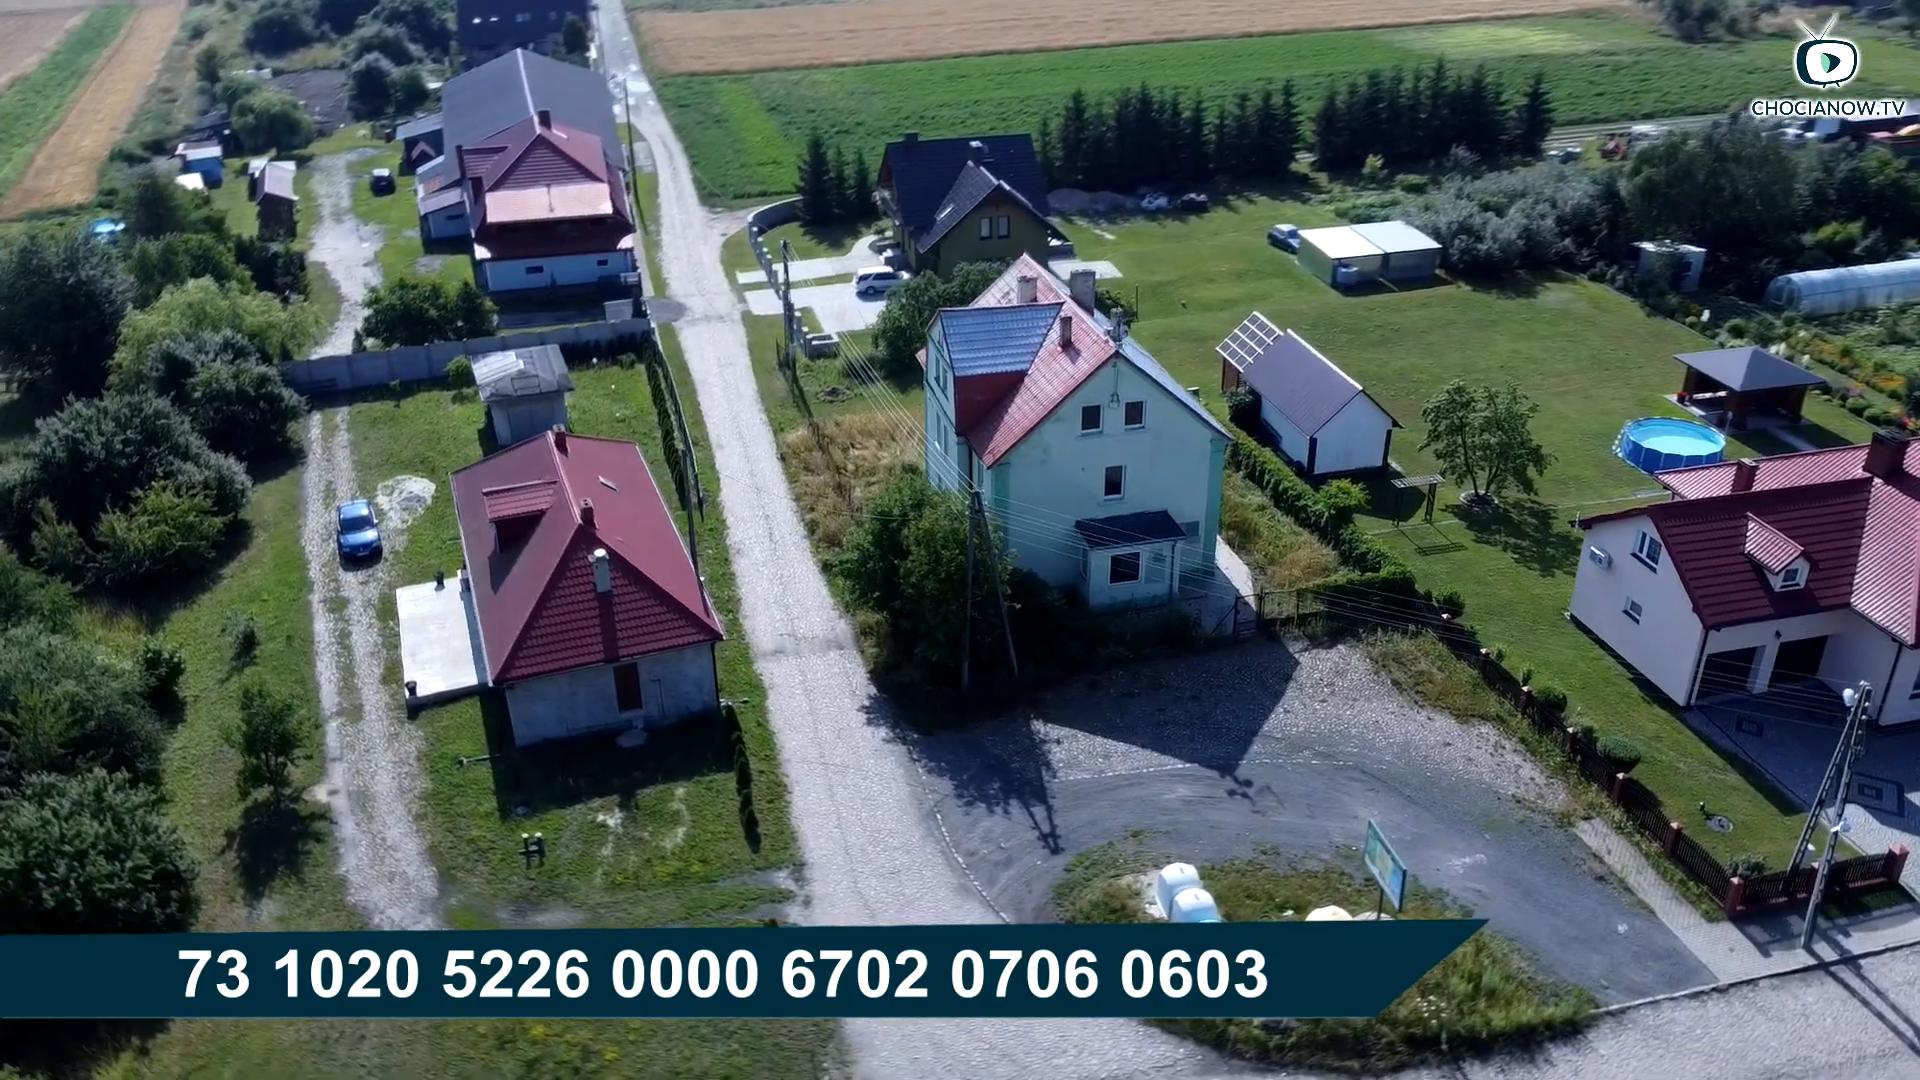 Na sprzedaż atrakcyjne nieruchomości w gminie Chocianów (wideo)